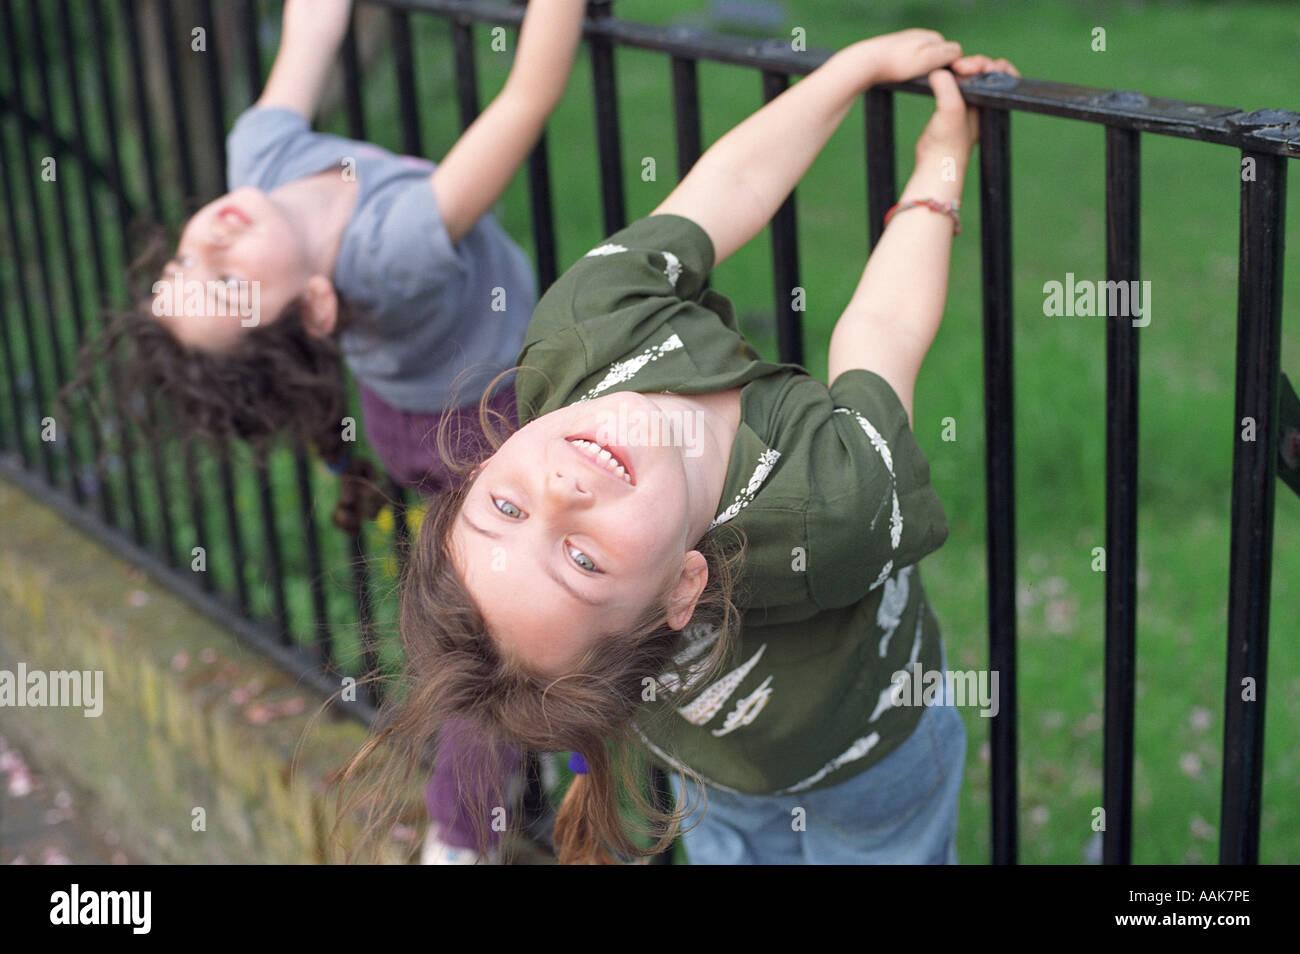 Due sei anni di ragazze giocando sulle ringhiere metalliche, Londra, Regno Unito. Foto Stock